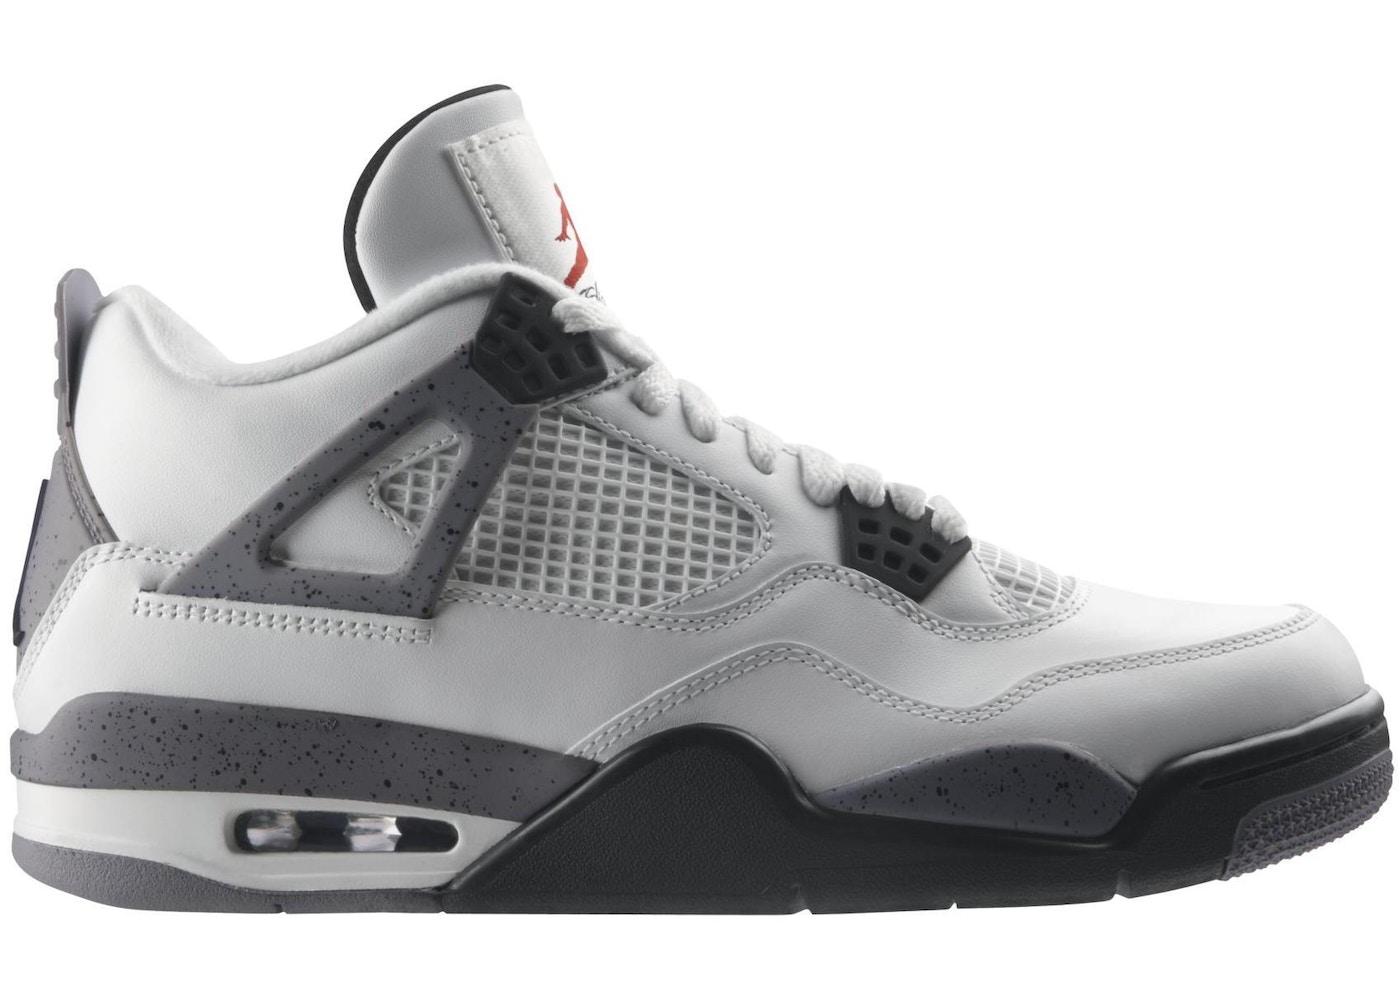 best service 76ec1 18f9e Buy Air Jordan 4 Size 18 Shoes & Deadstock Sneakers